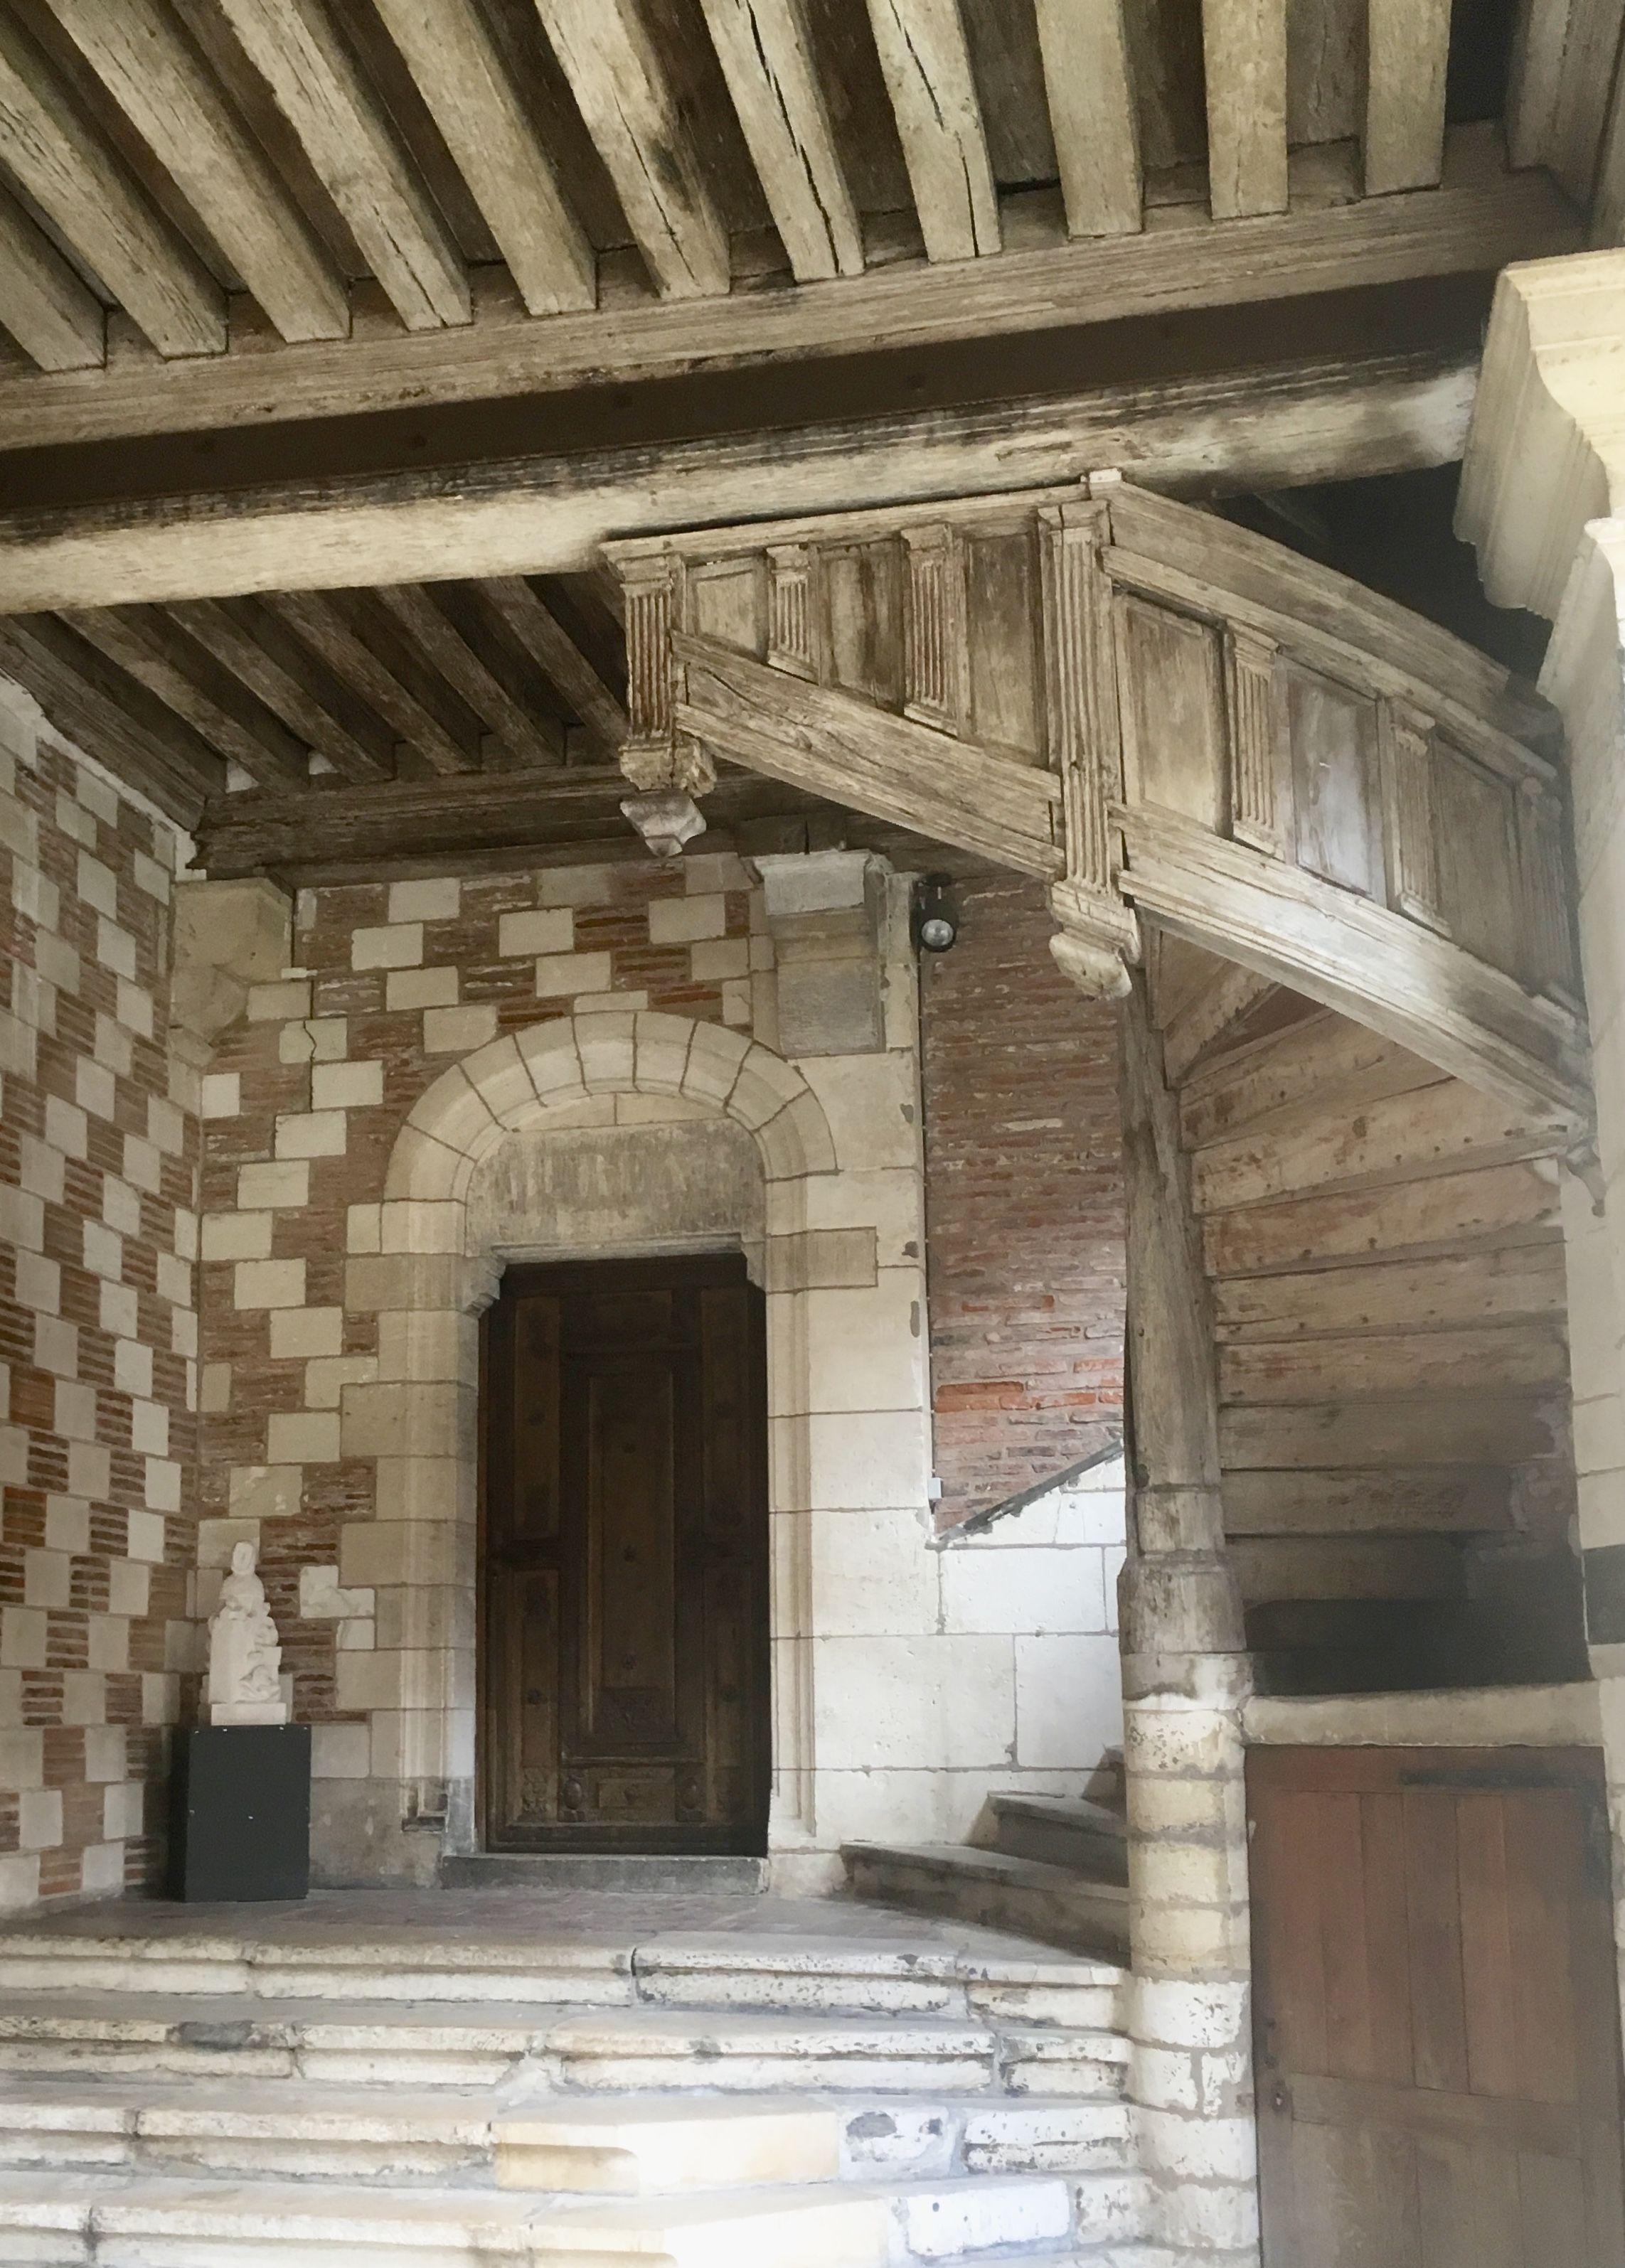 Remarquez L Exception De Cet Escalier D Epoque Xvi Eme Siecle Visible Au Musee De L Outil Et De La Pensee Ouvriere A Troye Escalier Bois Escalier Renaissance